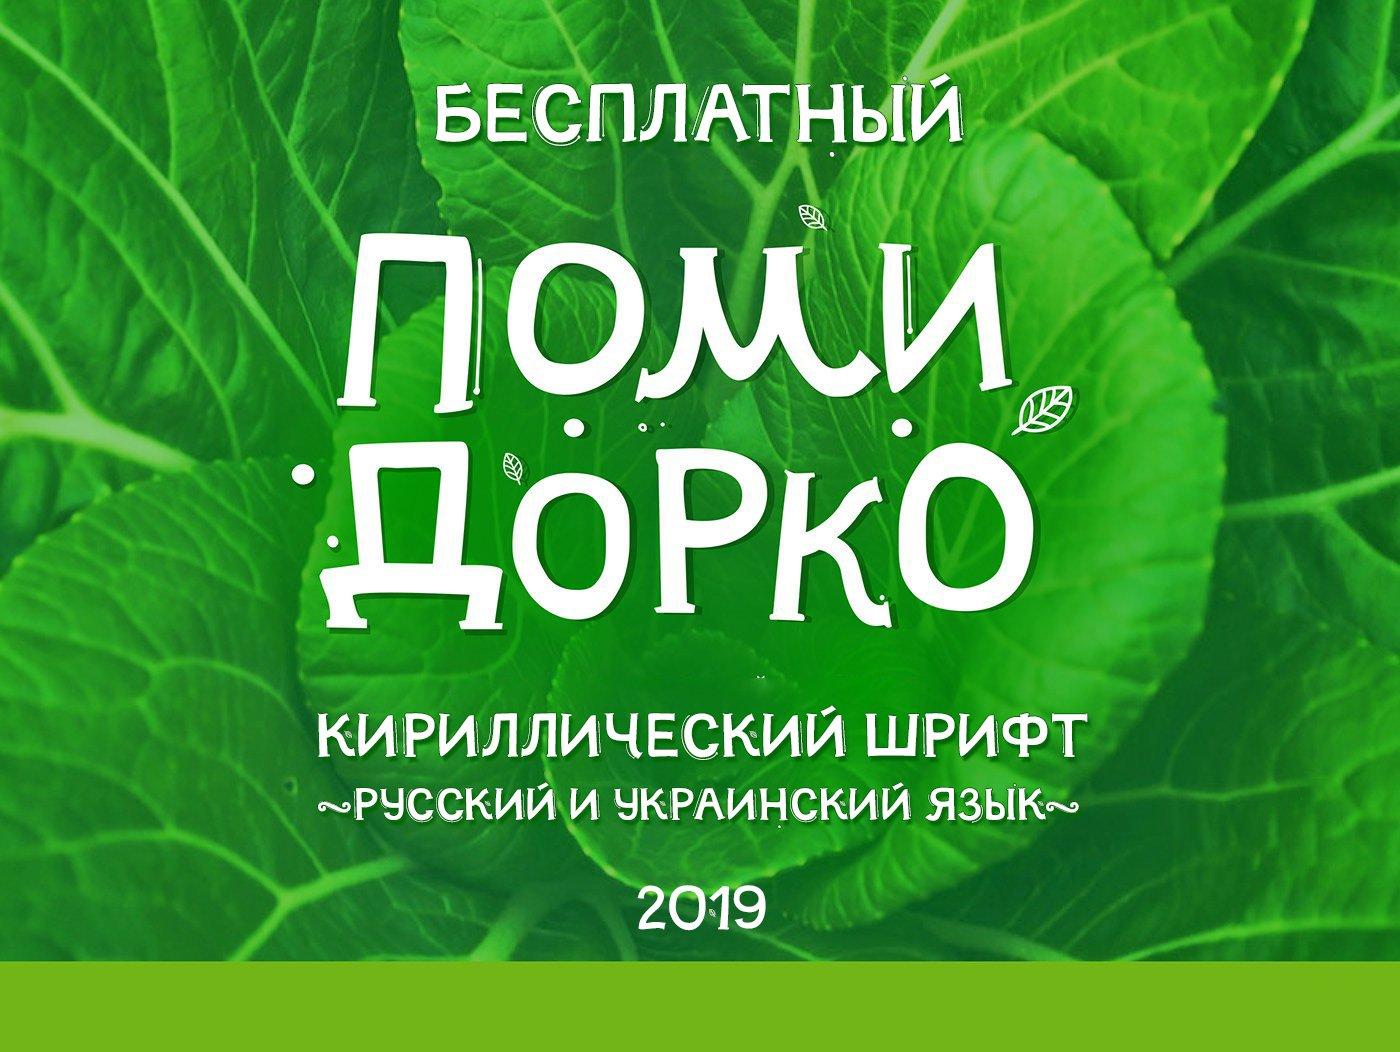 Cyrillic free font Помидорко русский шрифт скачать бесплатно